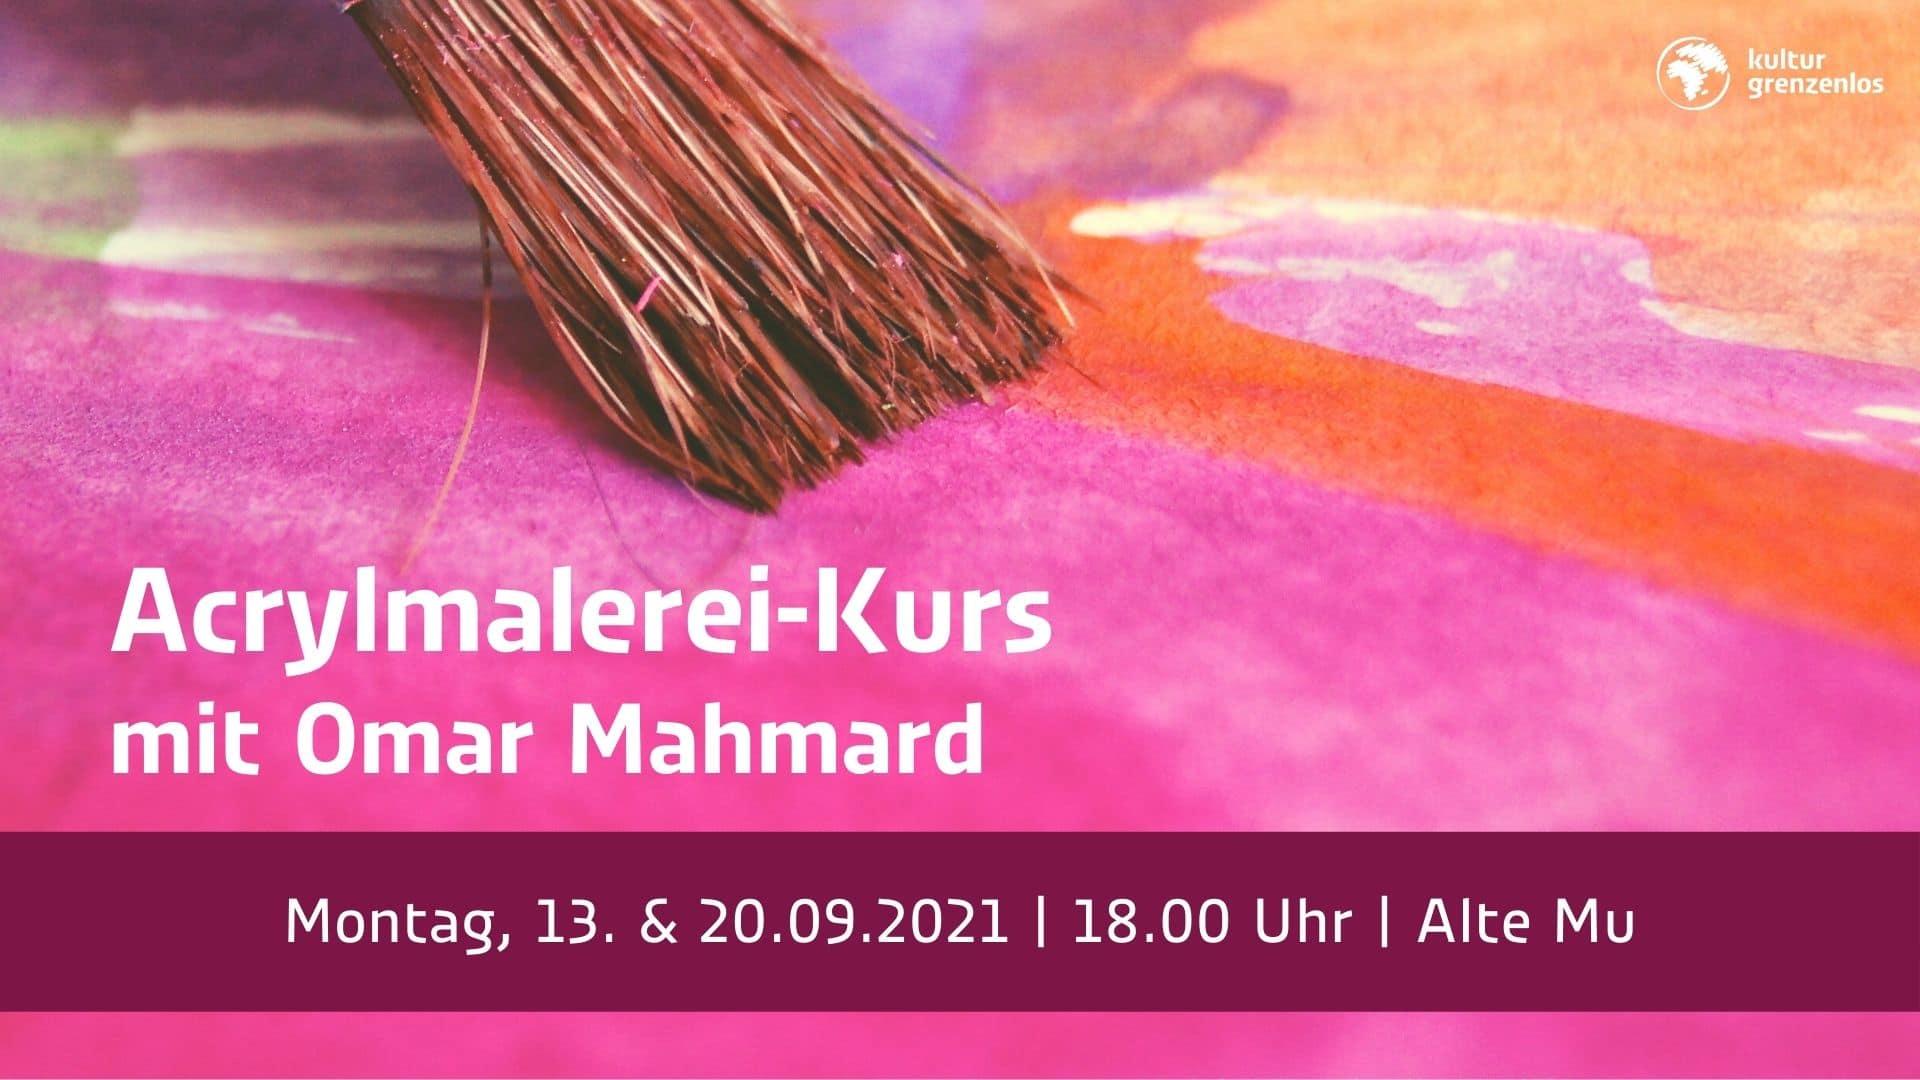 Acrylmalerei-Kurs am 13. und 20.09.21